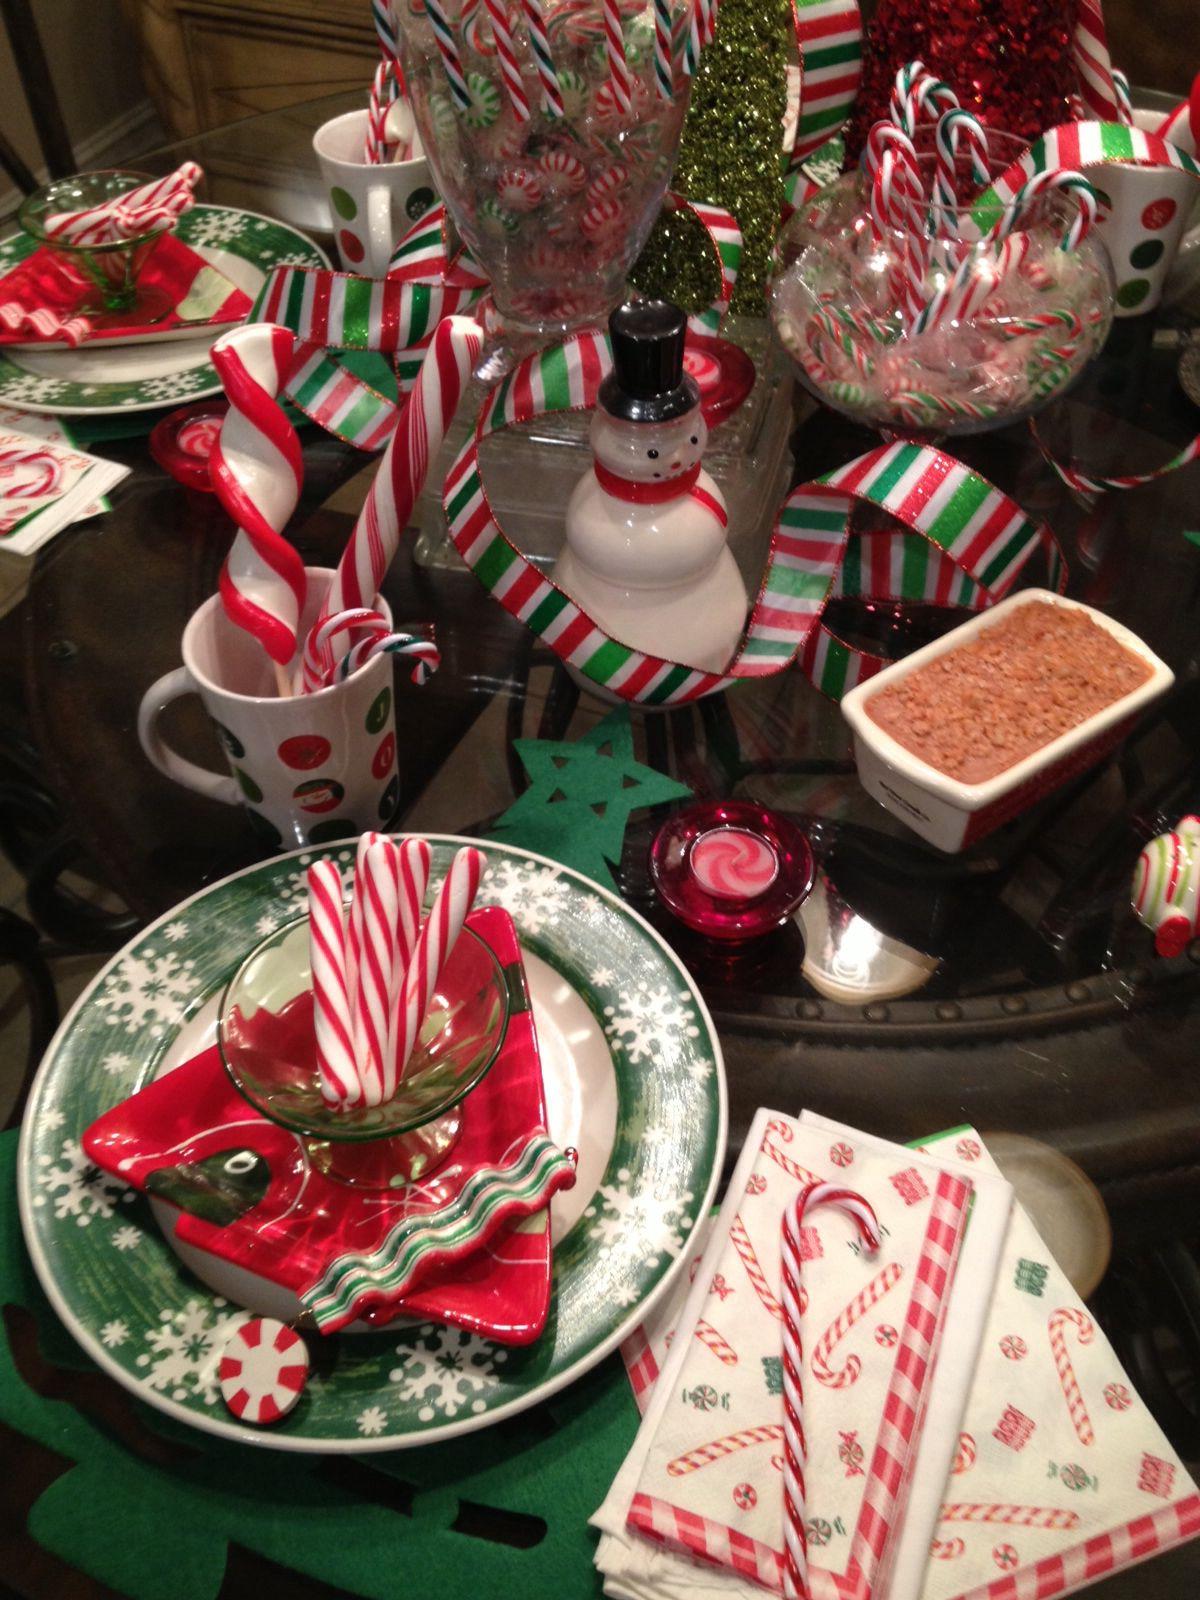 Christmas plate setting Christmas plates, Christmas